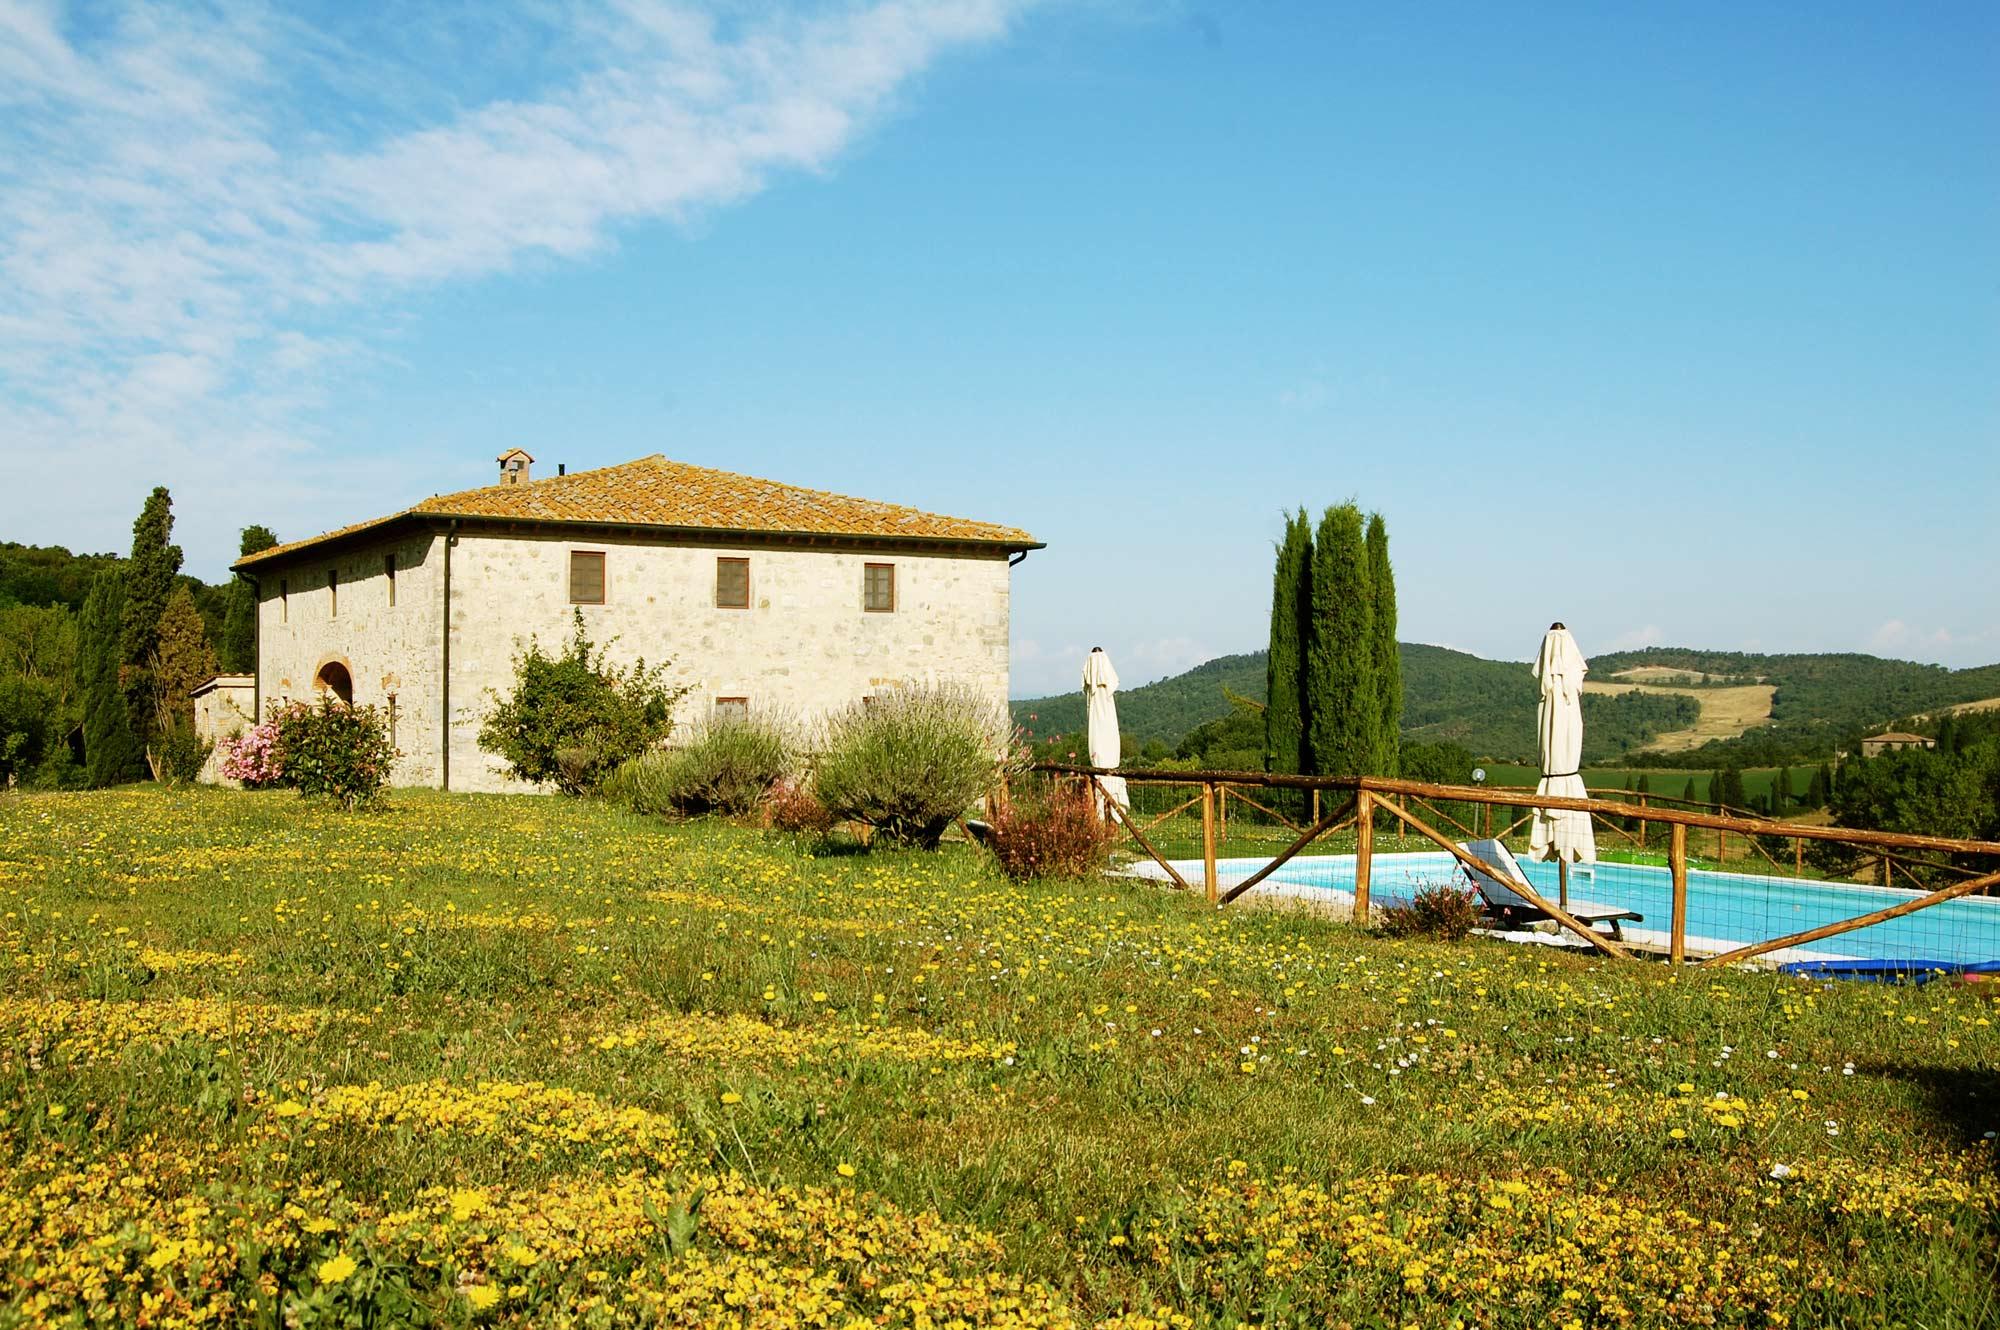 affitto villa in toscana con giardino privato